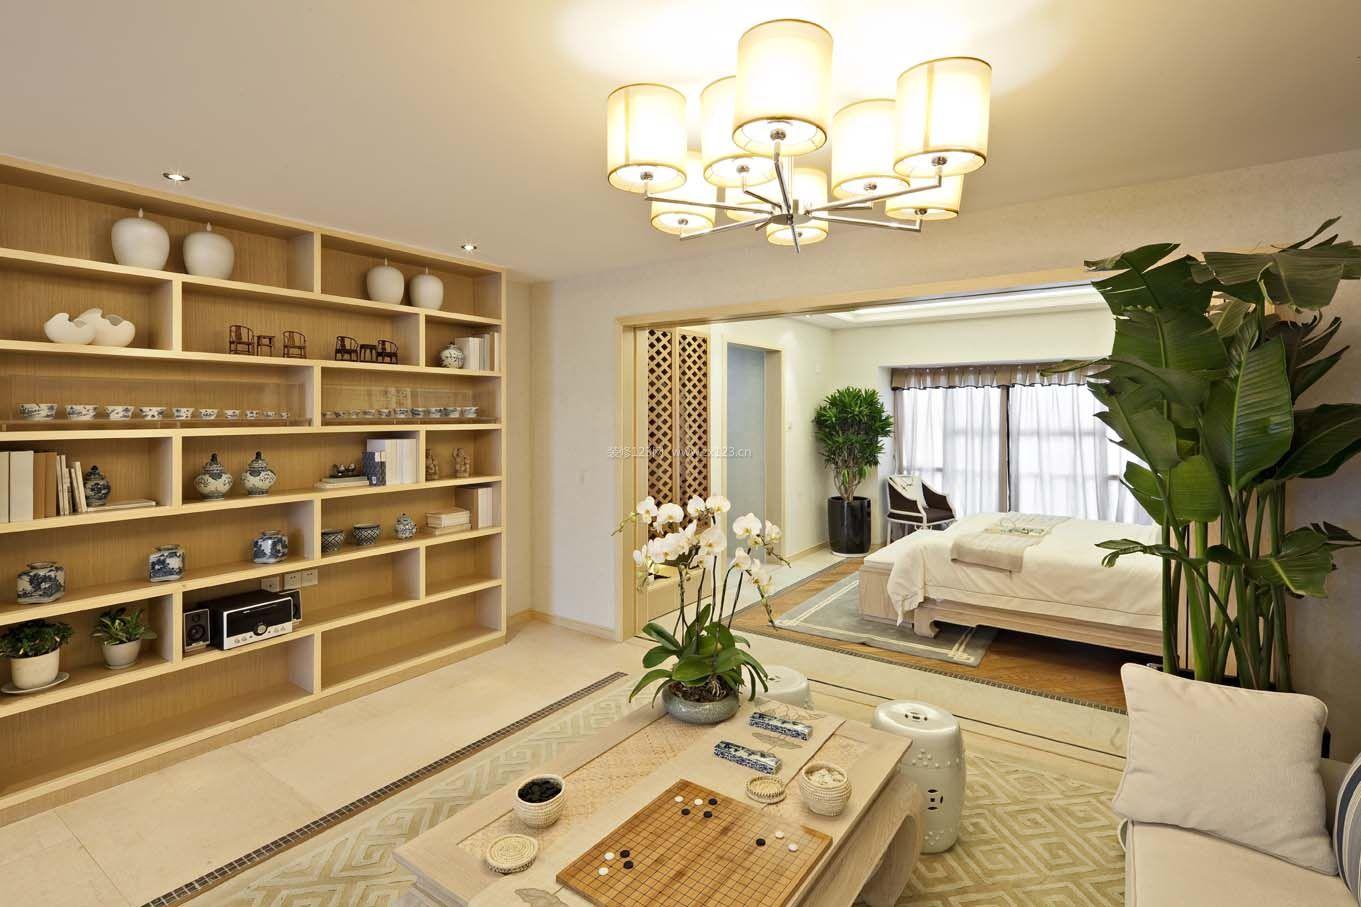 中式田园风格60平米房子装修图片图片